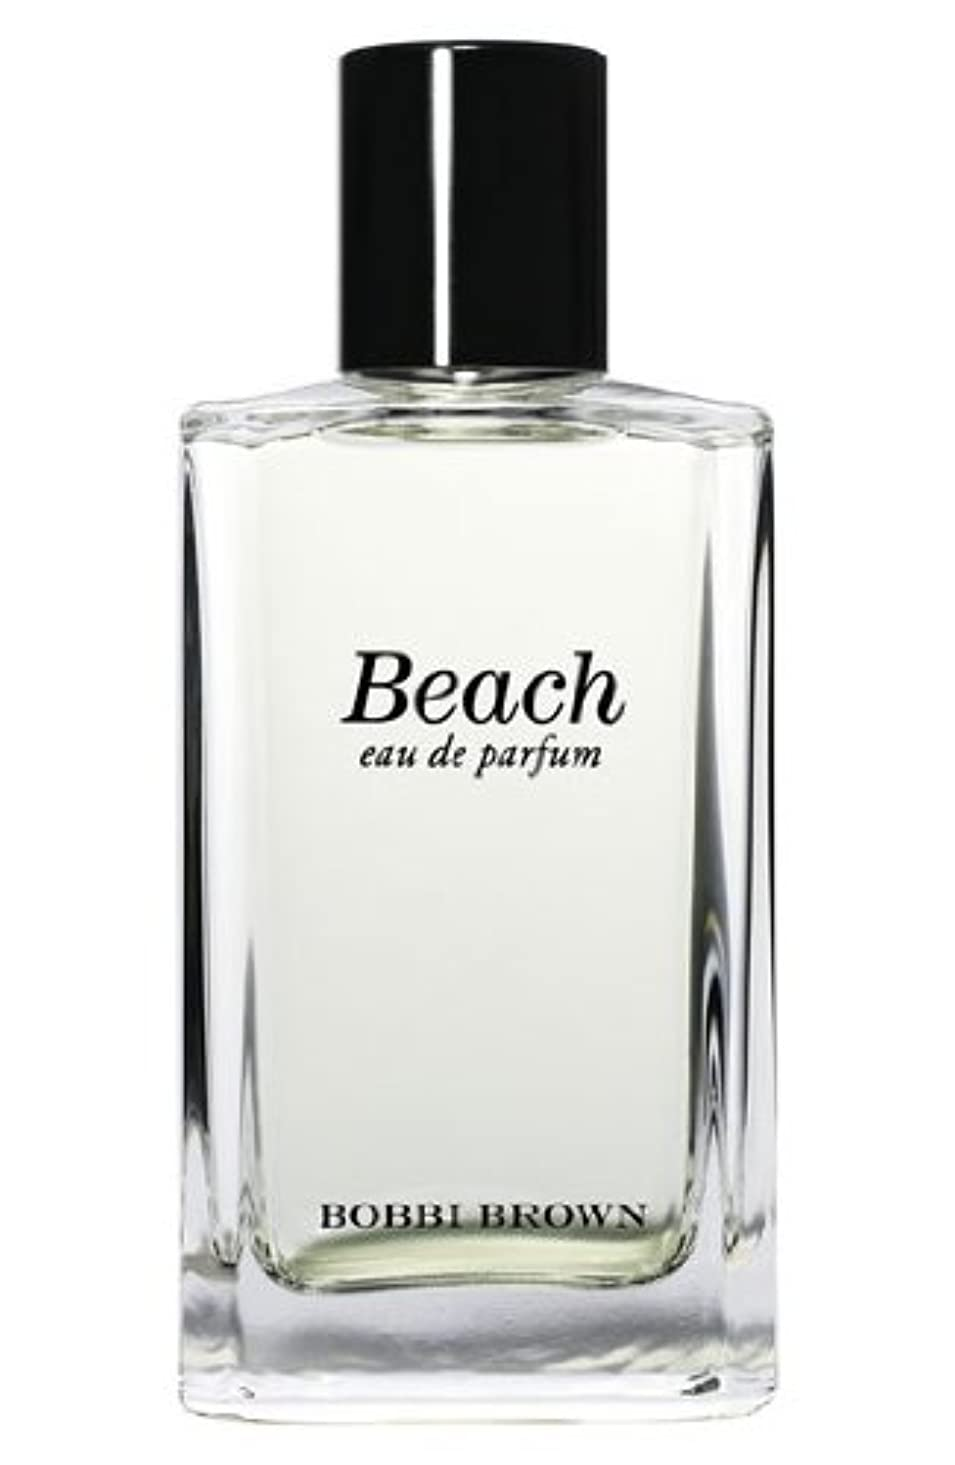 ベイビーアサー貧しいBobbi Brown 'Beach' (ボビーブラウン ビーチ) 1.7 oz (50ml) EDP Spray